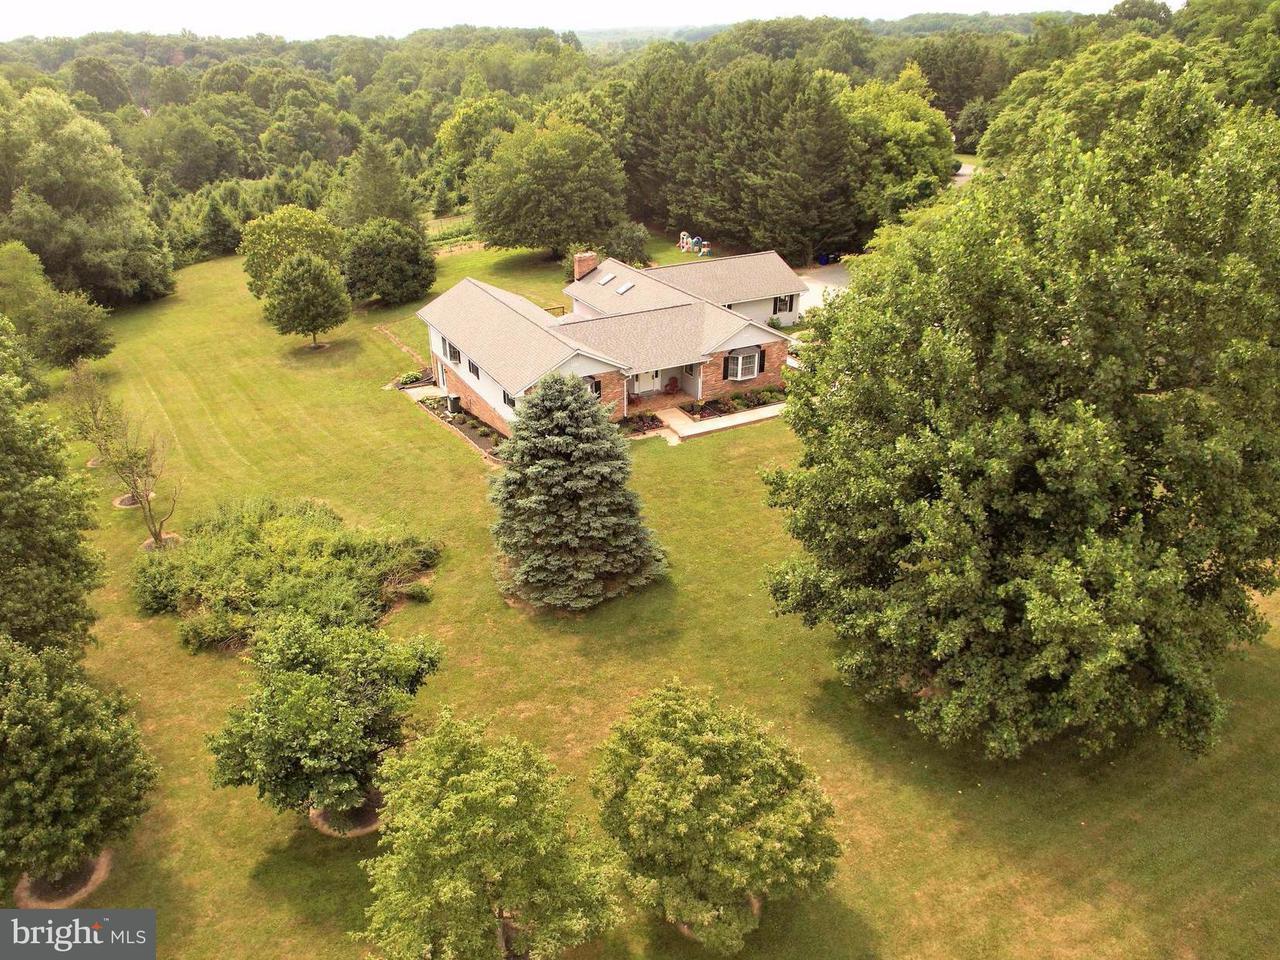 Частный односемейный дом для того Продажа на 4405 OAKWOOD OVERLOOK Court 4405 OAKWOOD OVERLOOK Court Dayton, Мэриленд 21036 Соединенные Штаты